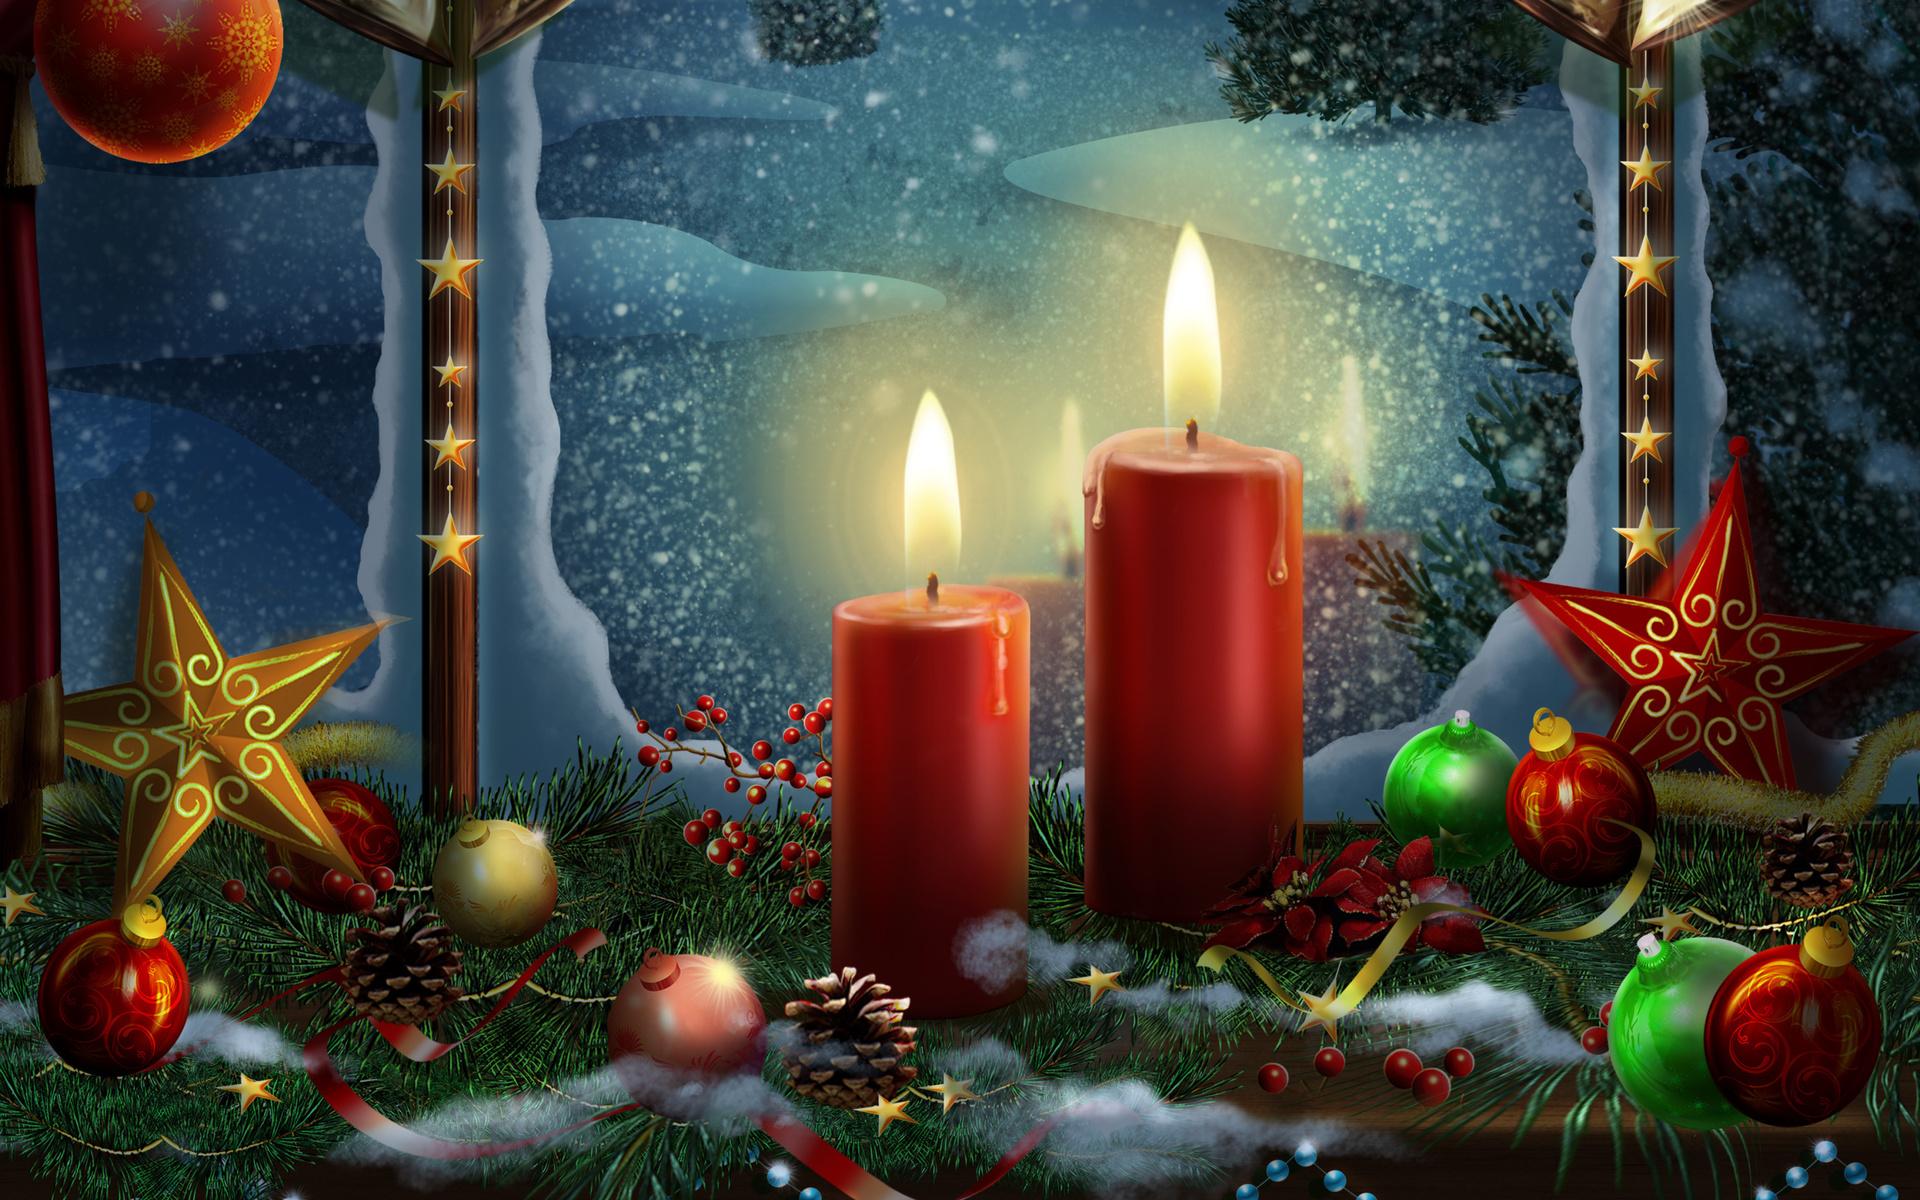 Лучшие рождественские картинки, для денег